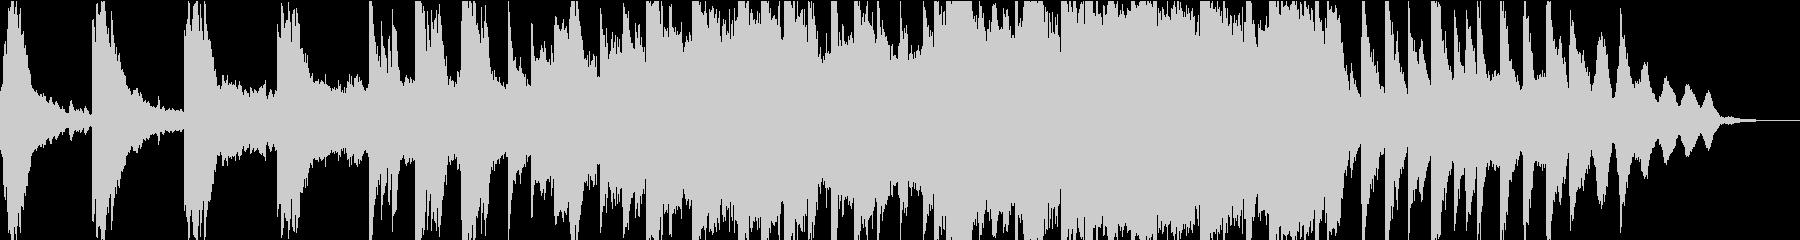 ピアノとストリングスと琴の小曲の未再生の波形